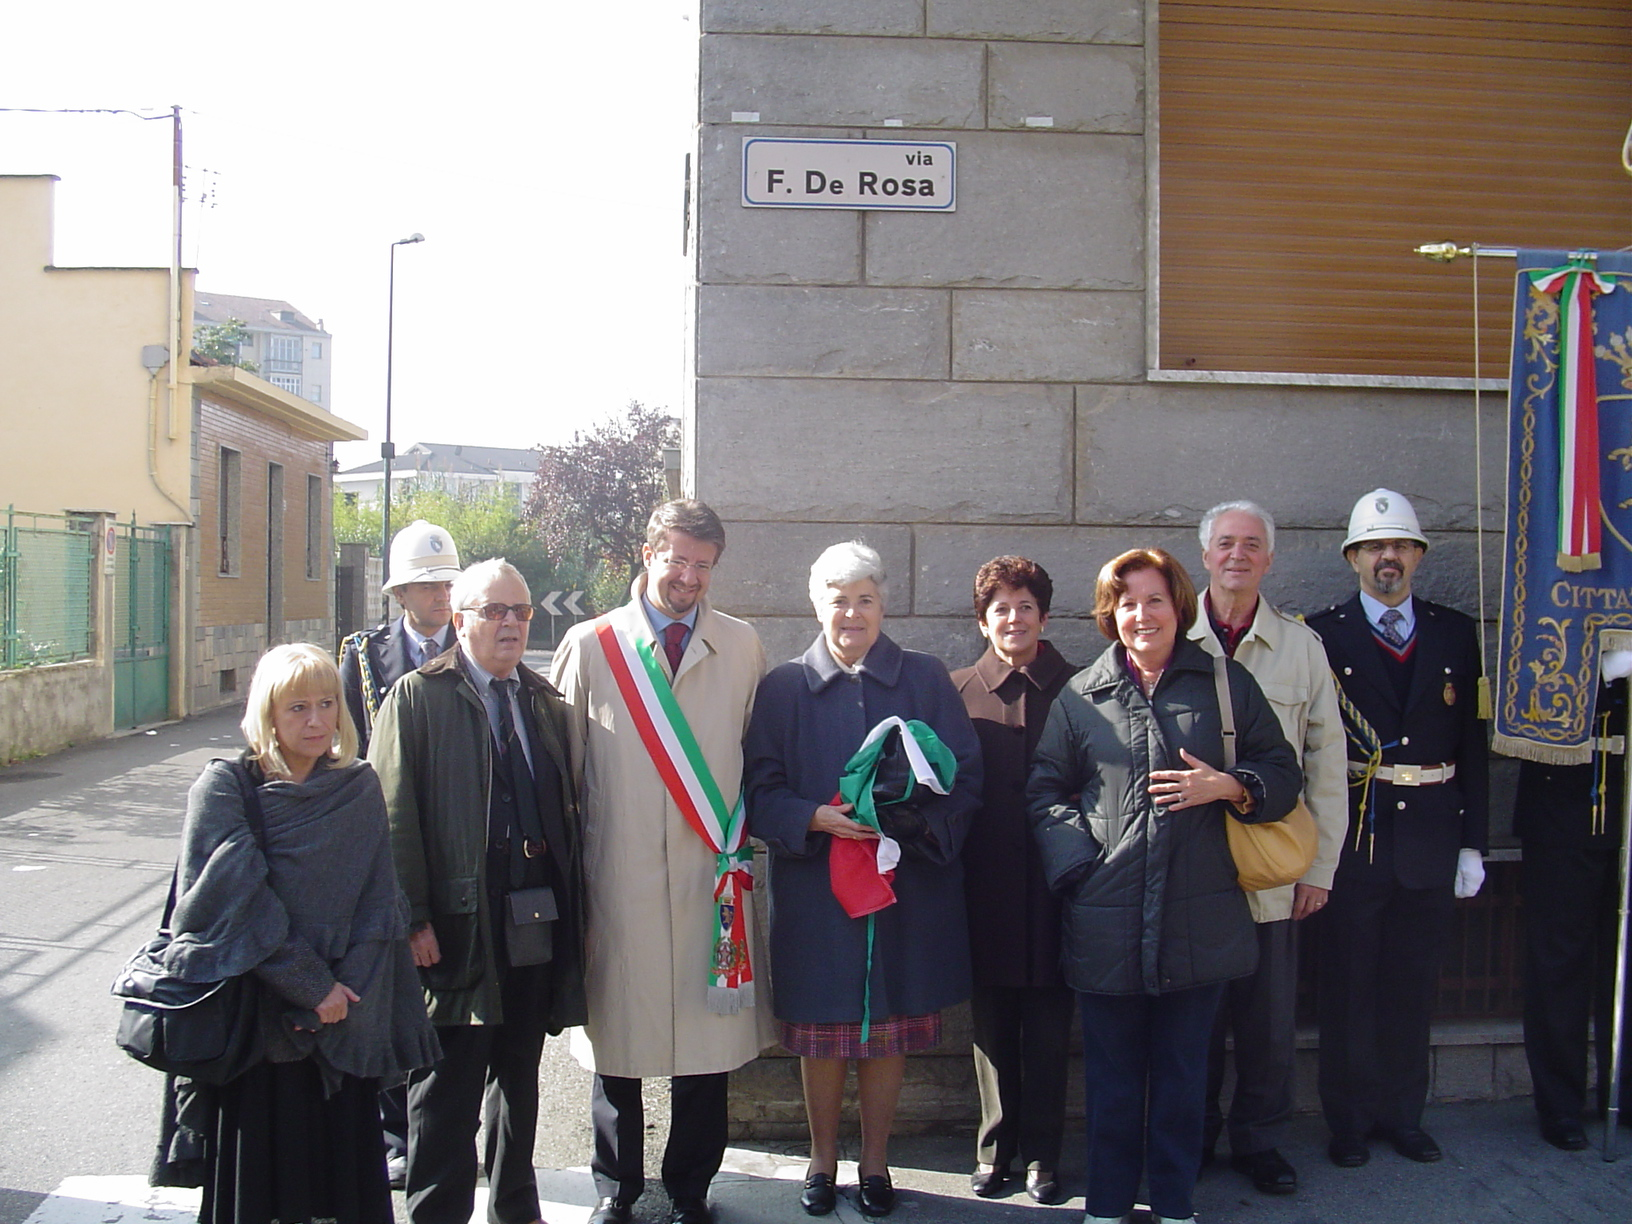 L'inaugurazione di via Fernado De Rosa